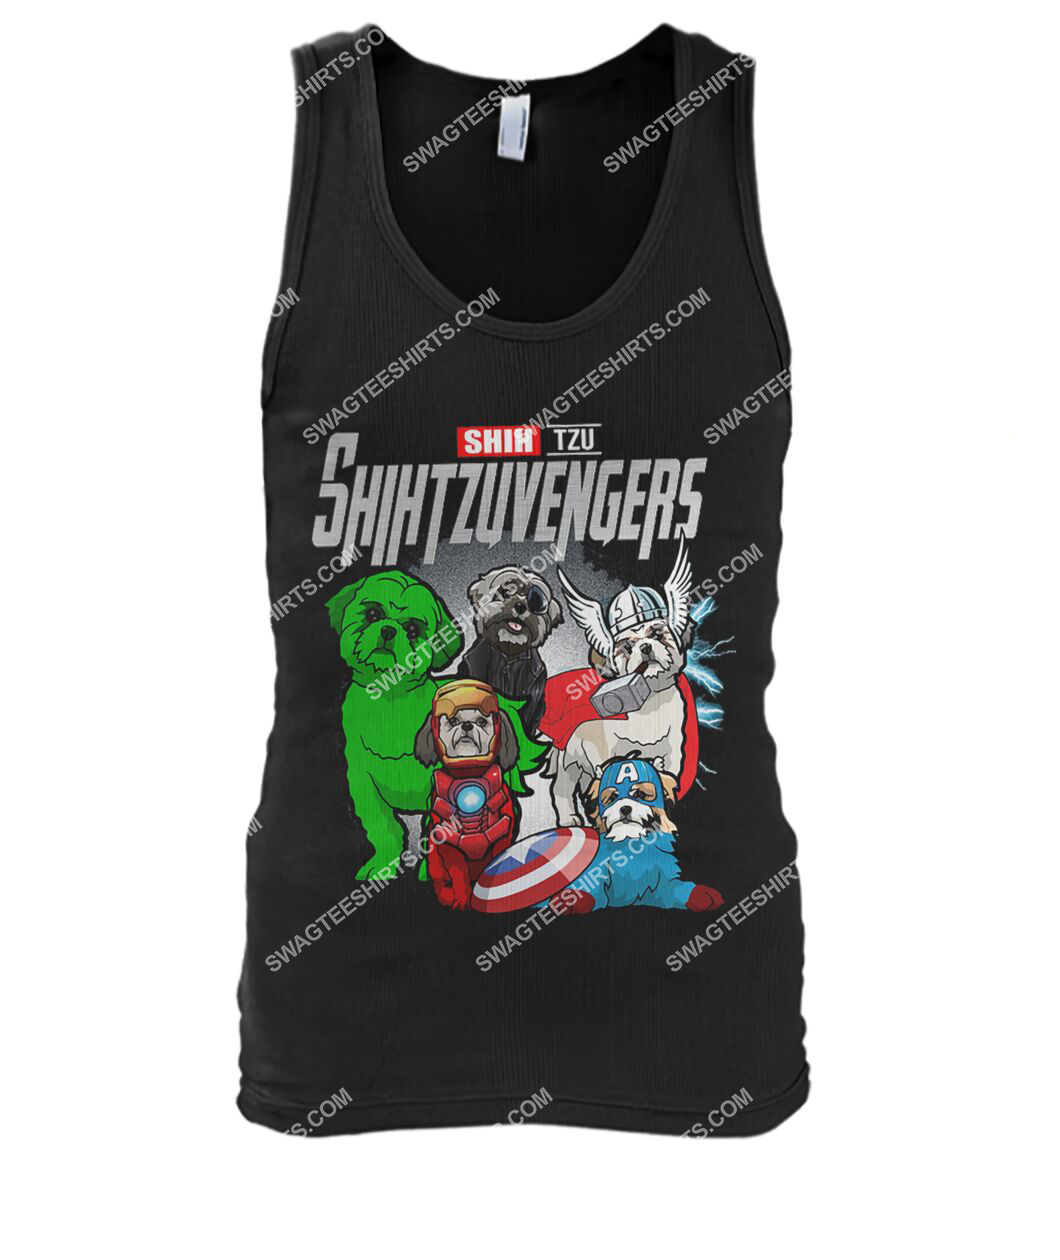 shih tzu shihtzuvengers marvel avengers dogs lover tank top 1